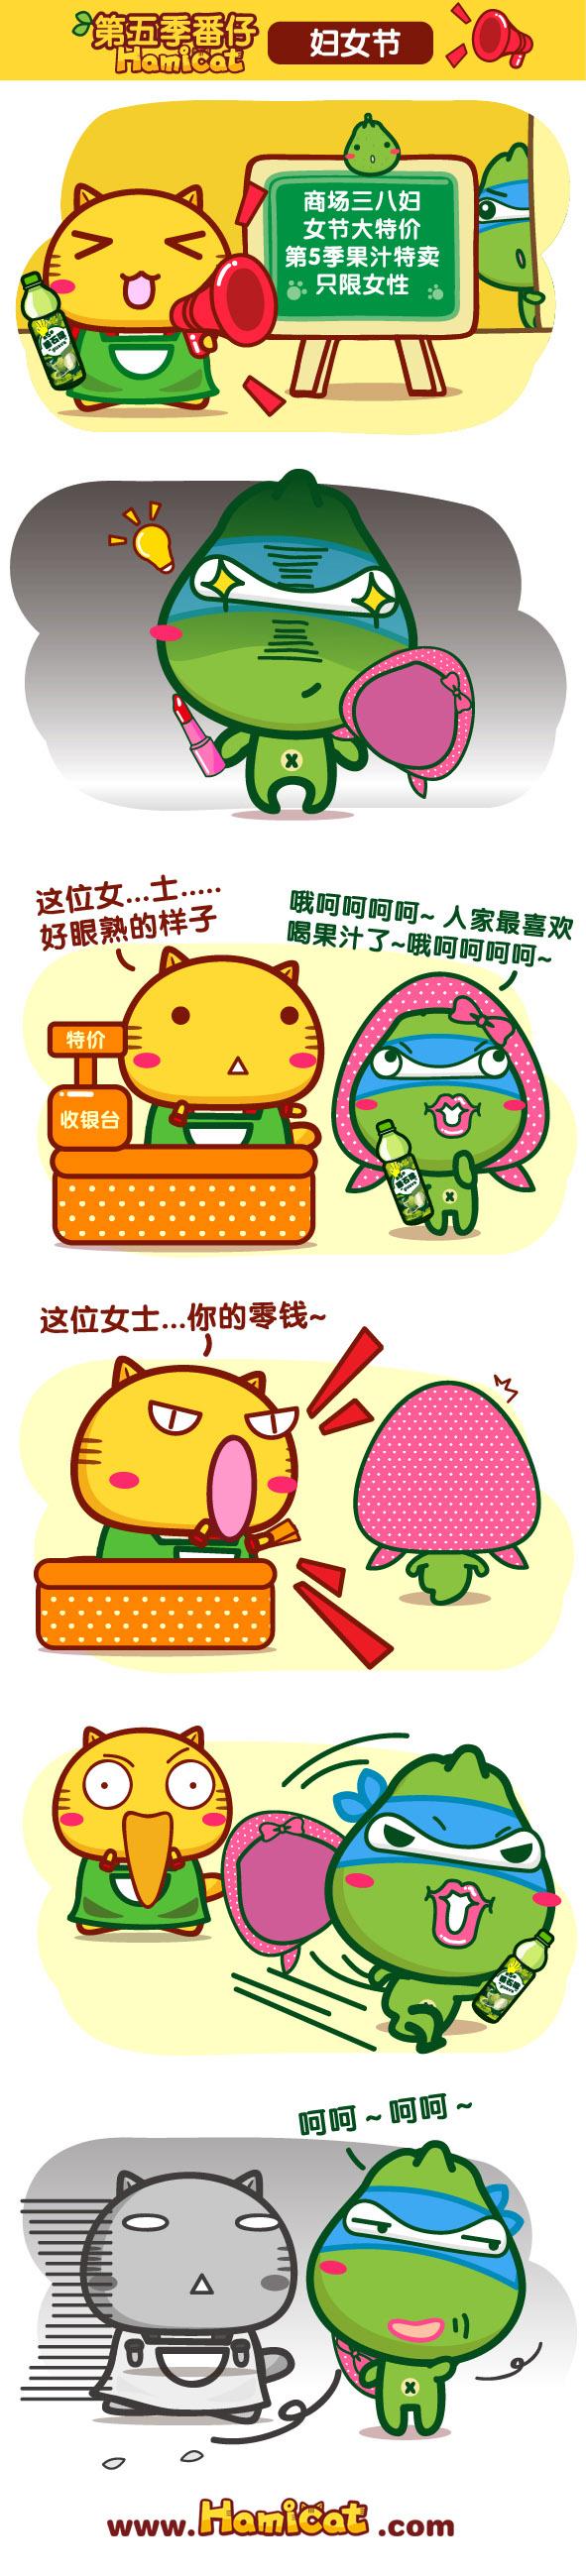 健力宝x哈咪猫漫画3月-04.jpg